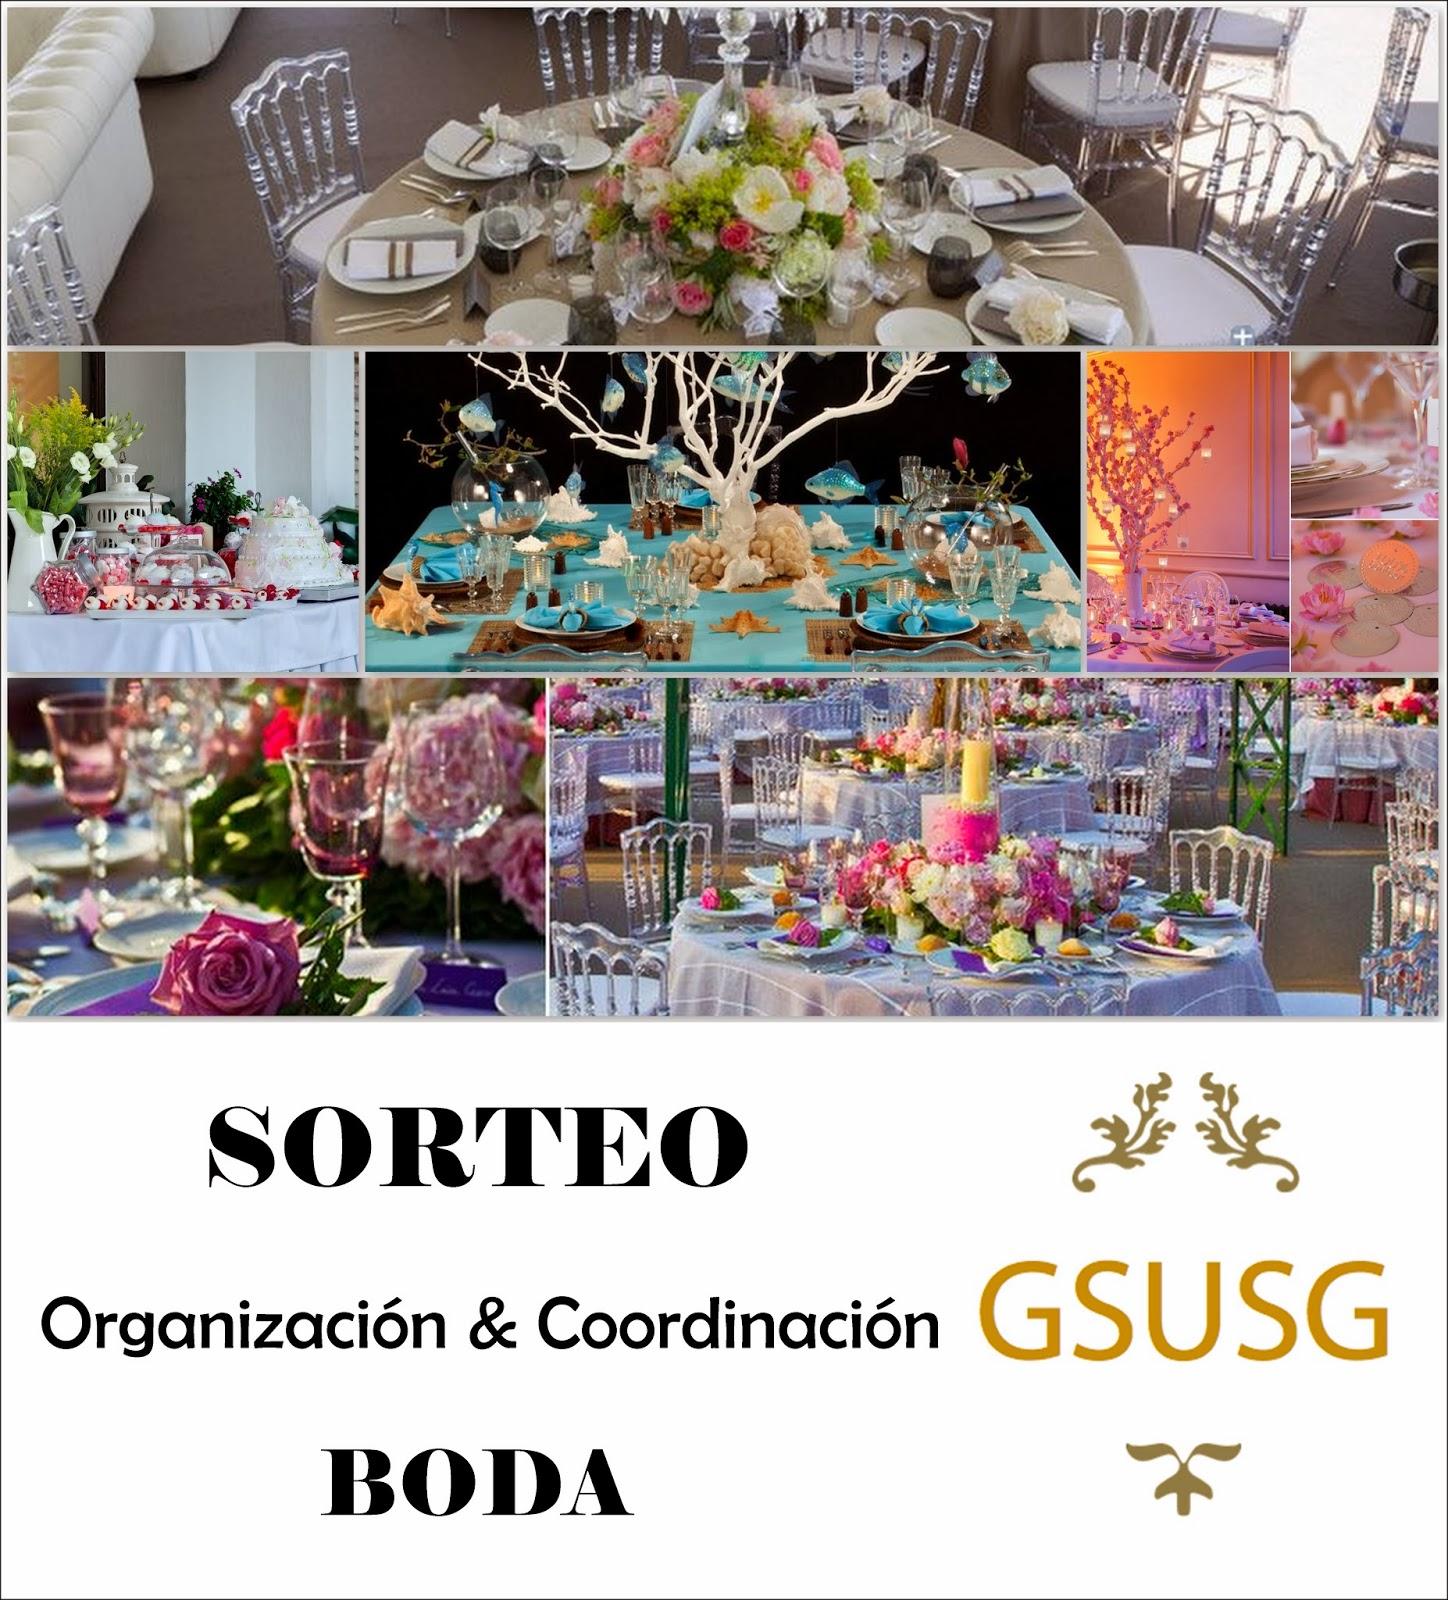 GSUSG vestidos de novia y fiesta wedding planner blog mi boda gratis sorteo